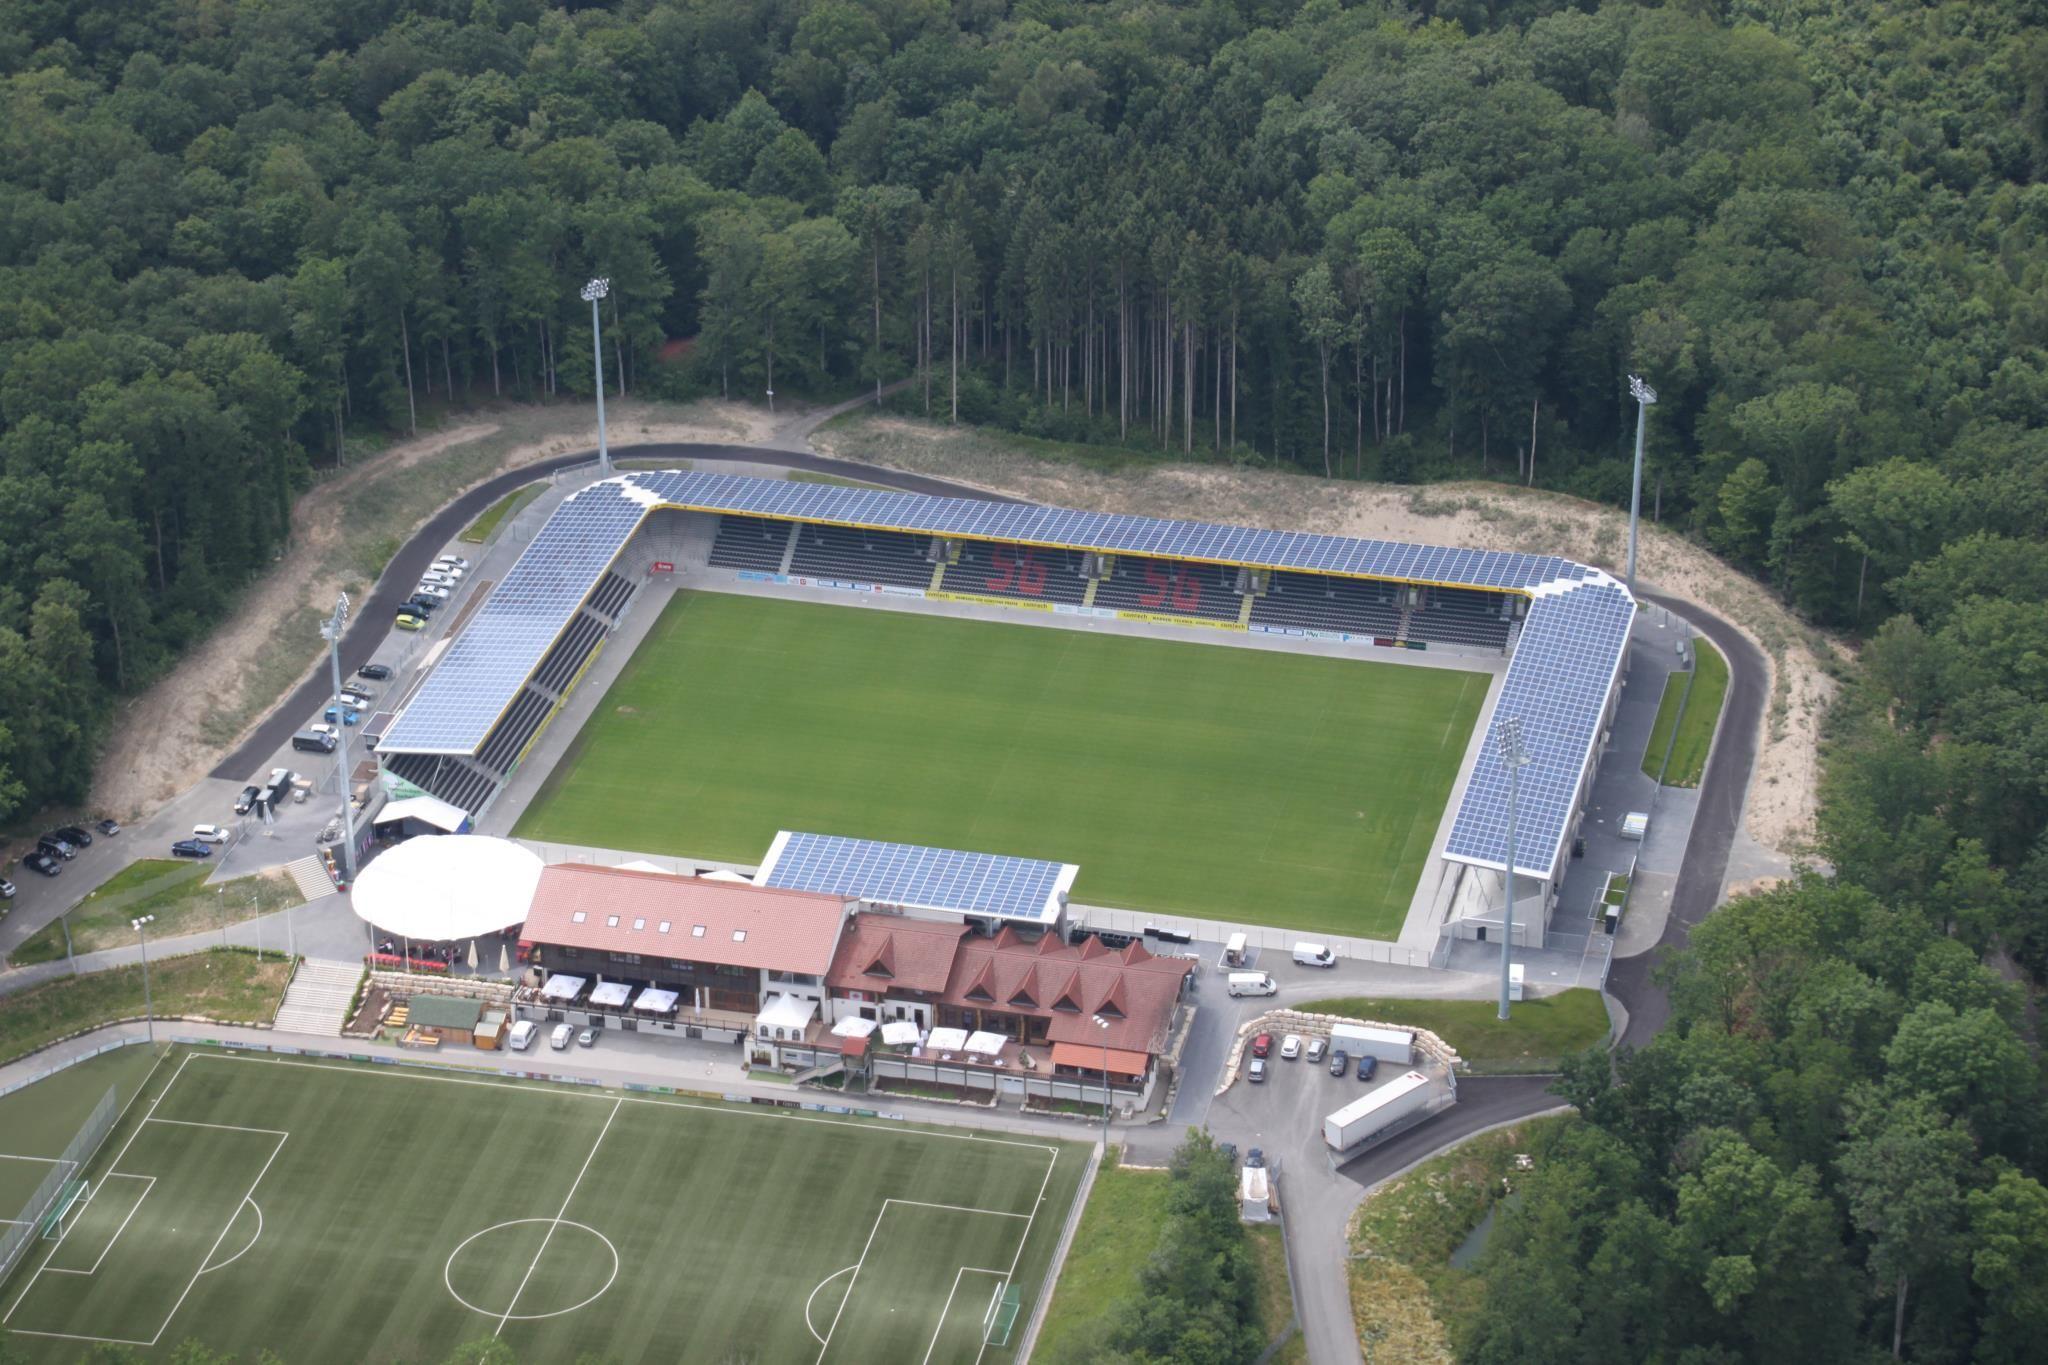 Stadion Großaspach